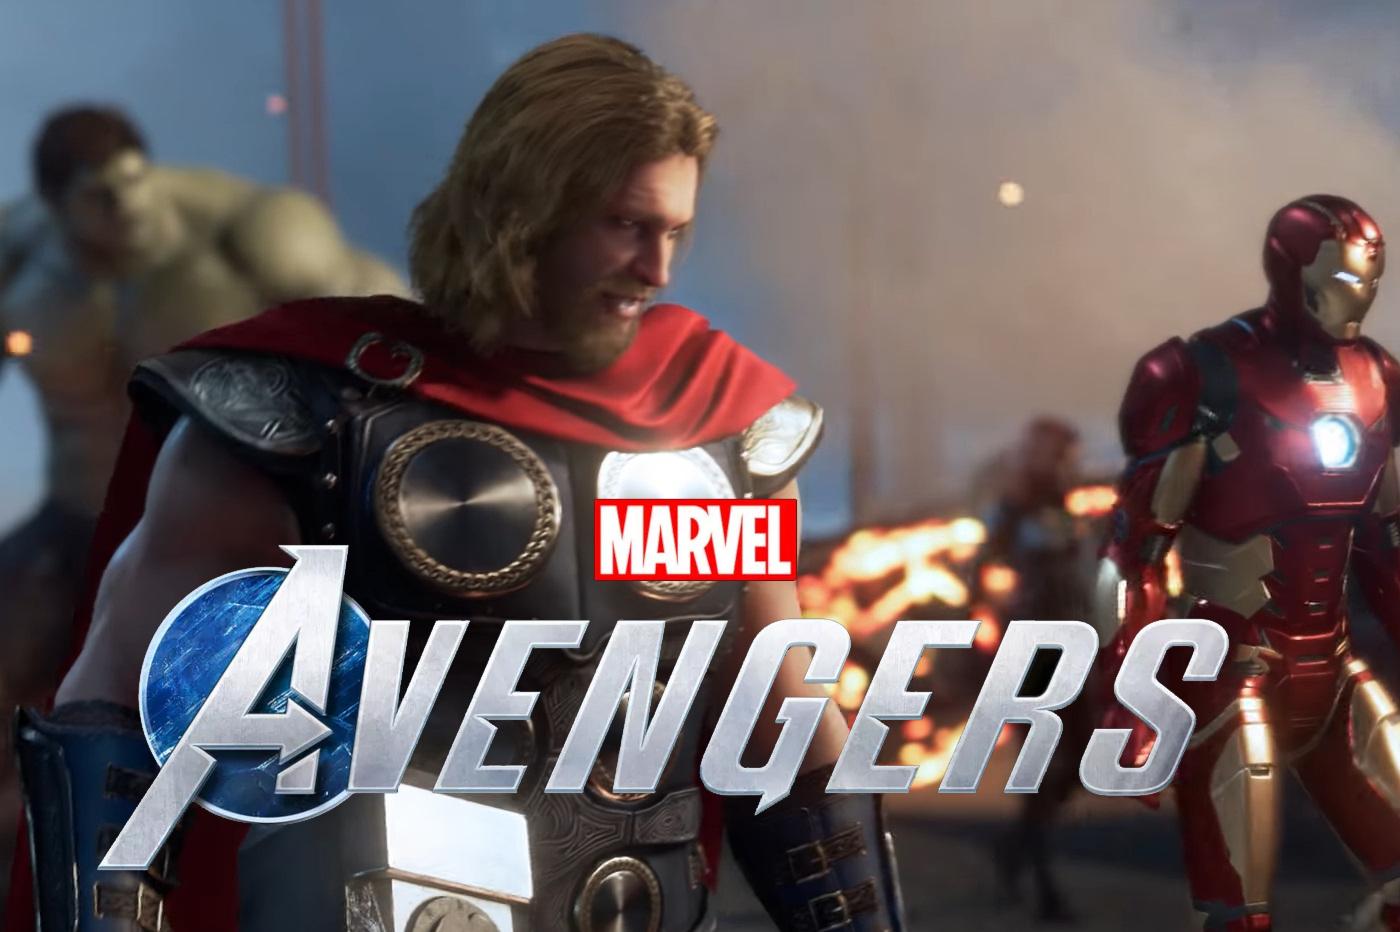 [E3 2019] Nous avons vu du gameplay de Marvel's Avengers en avant-première !